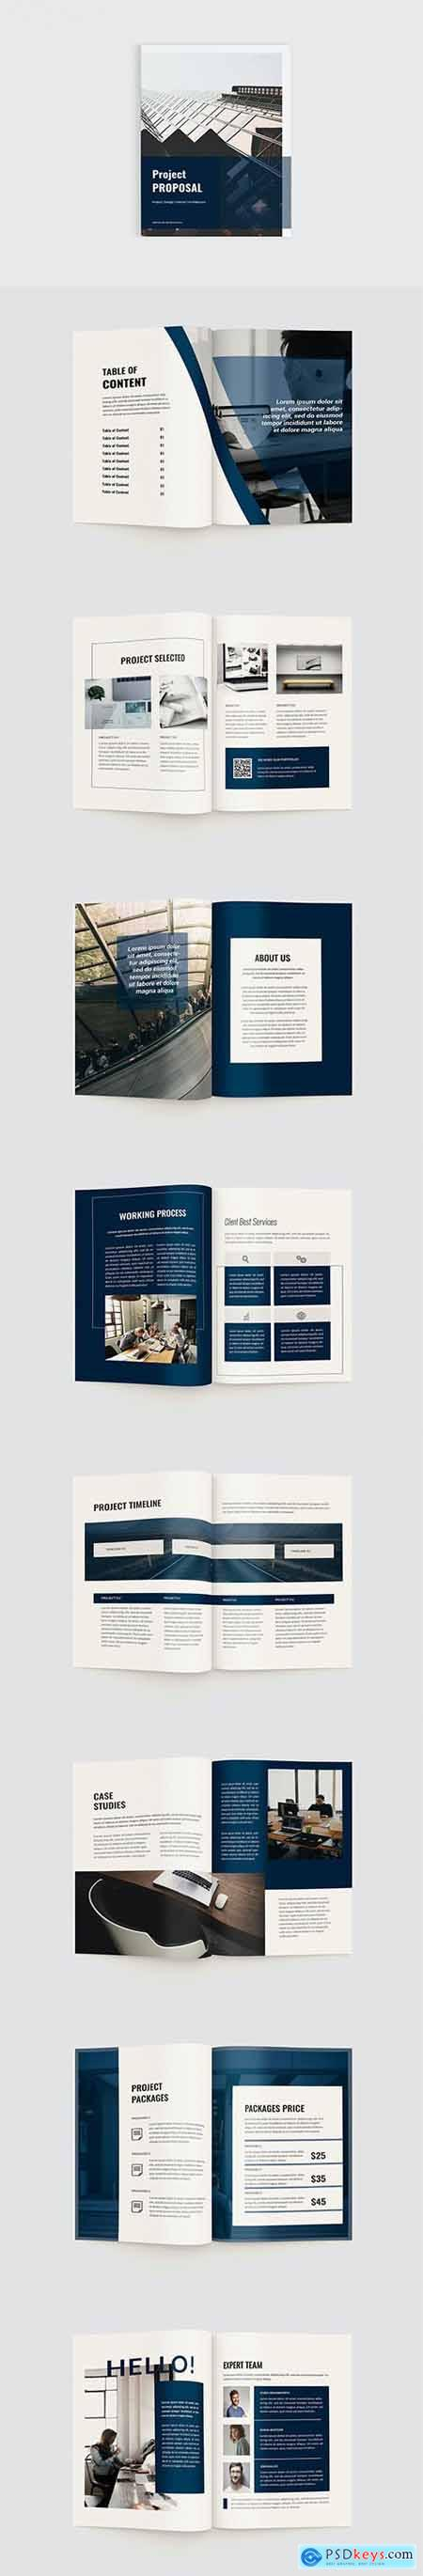 Project Proposal Magazine